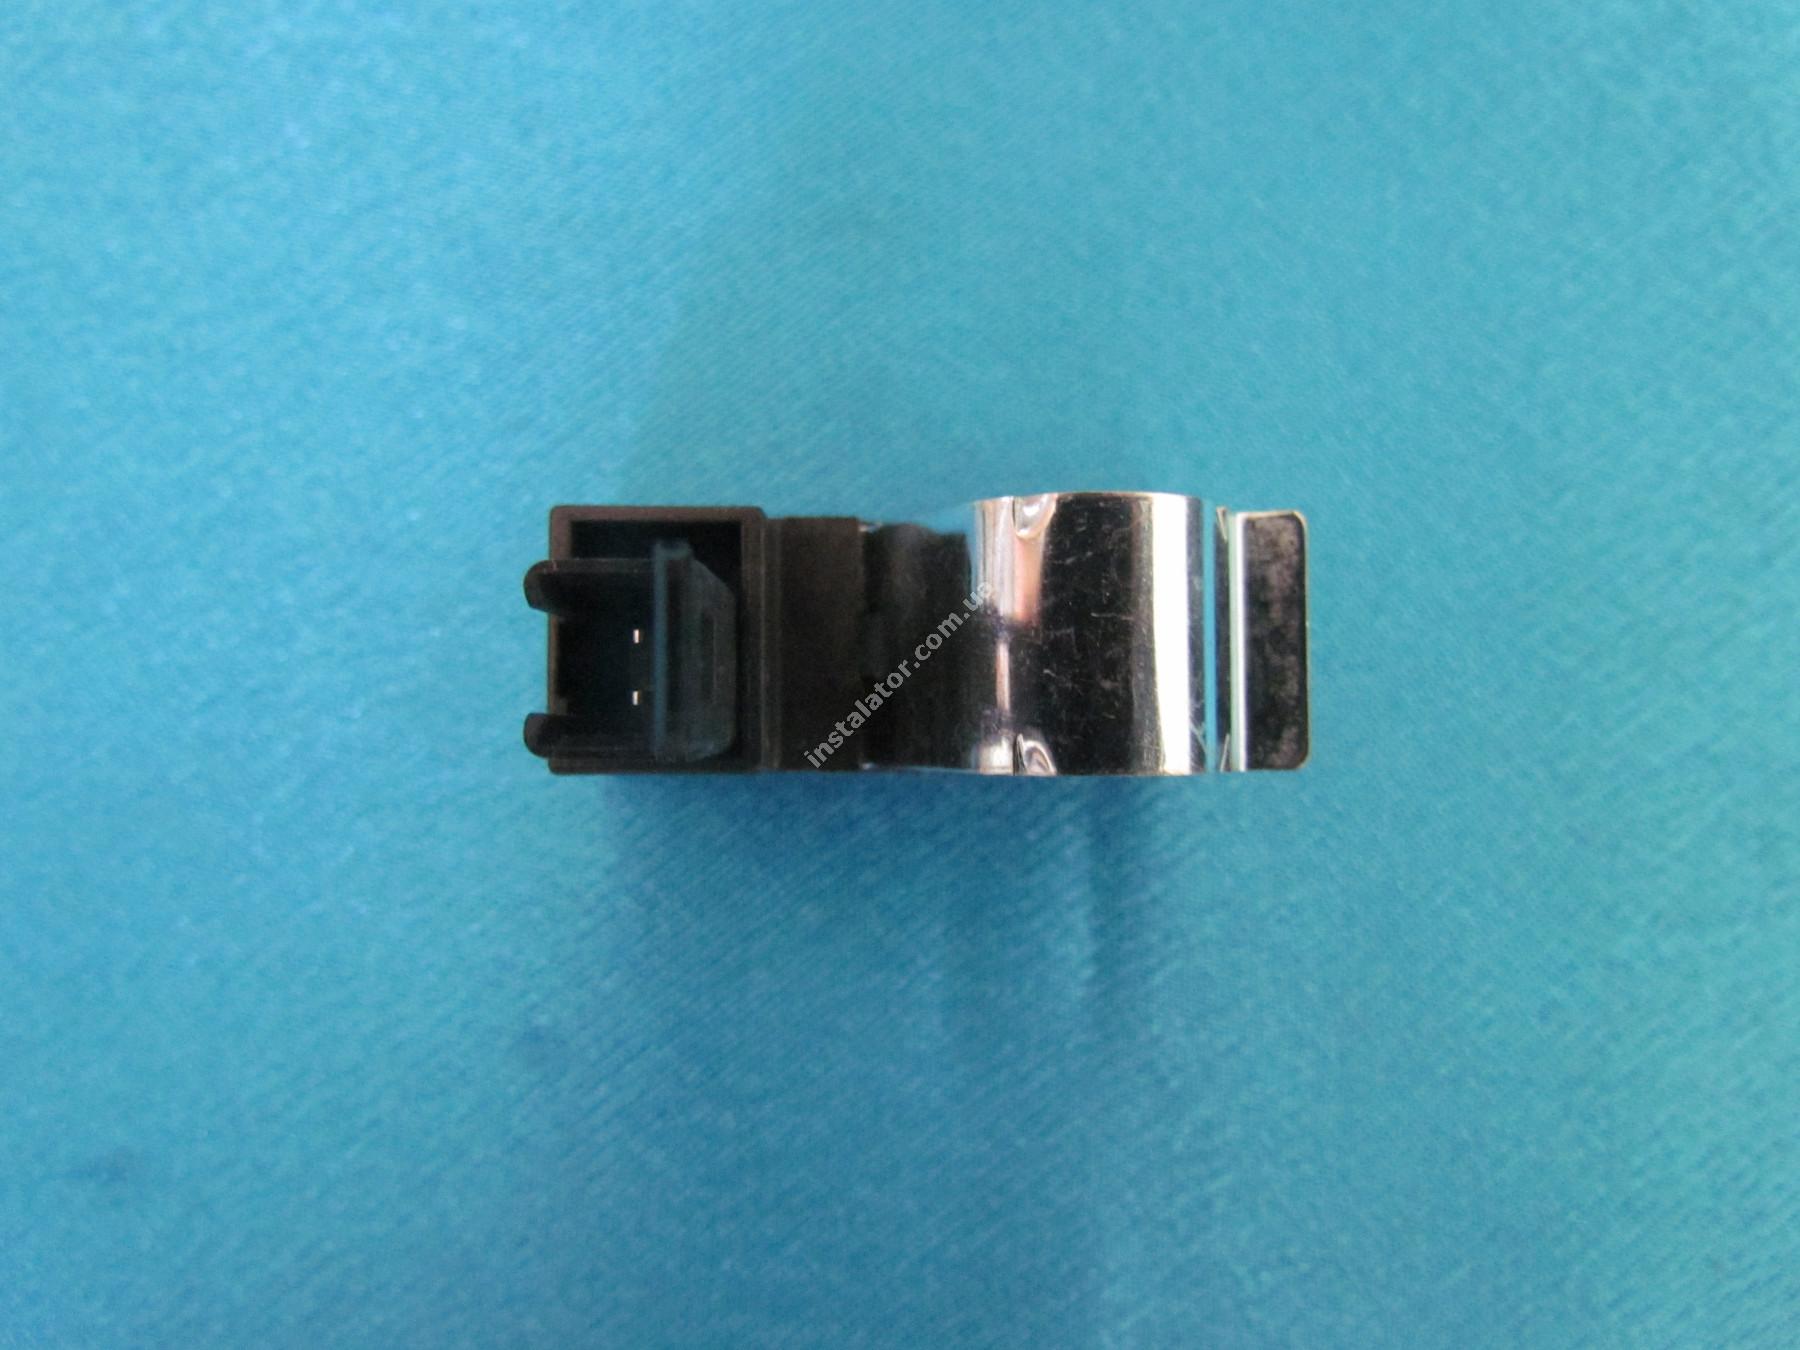 ТР03ВН1RQV Датчик теператури (зонд NTC) накладний d14 full-image-1